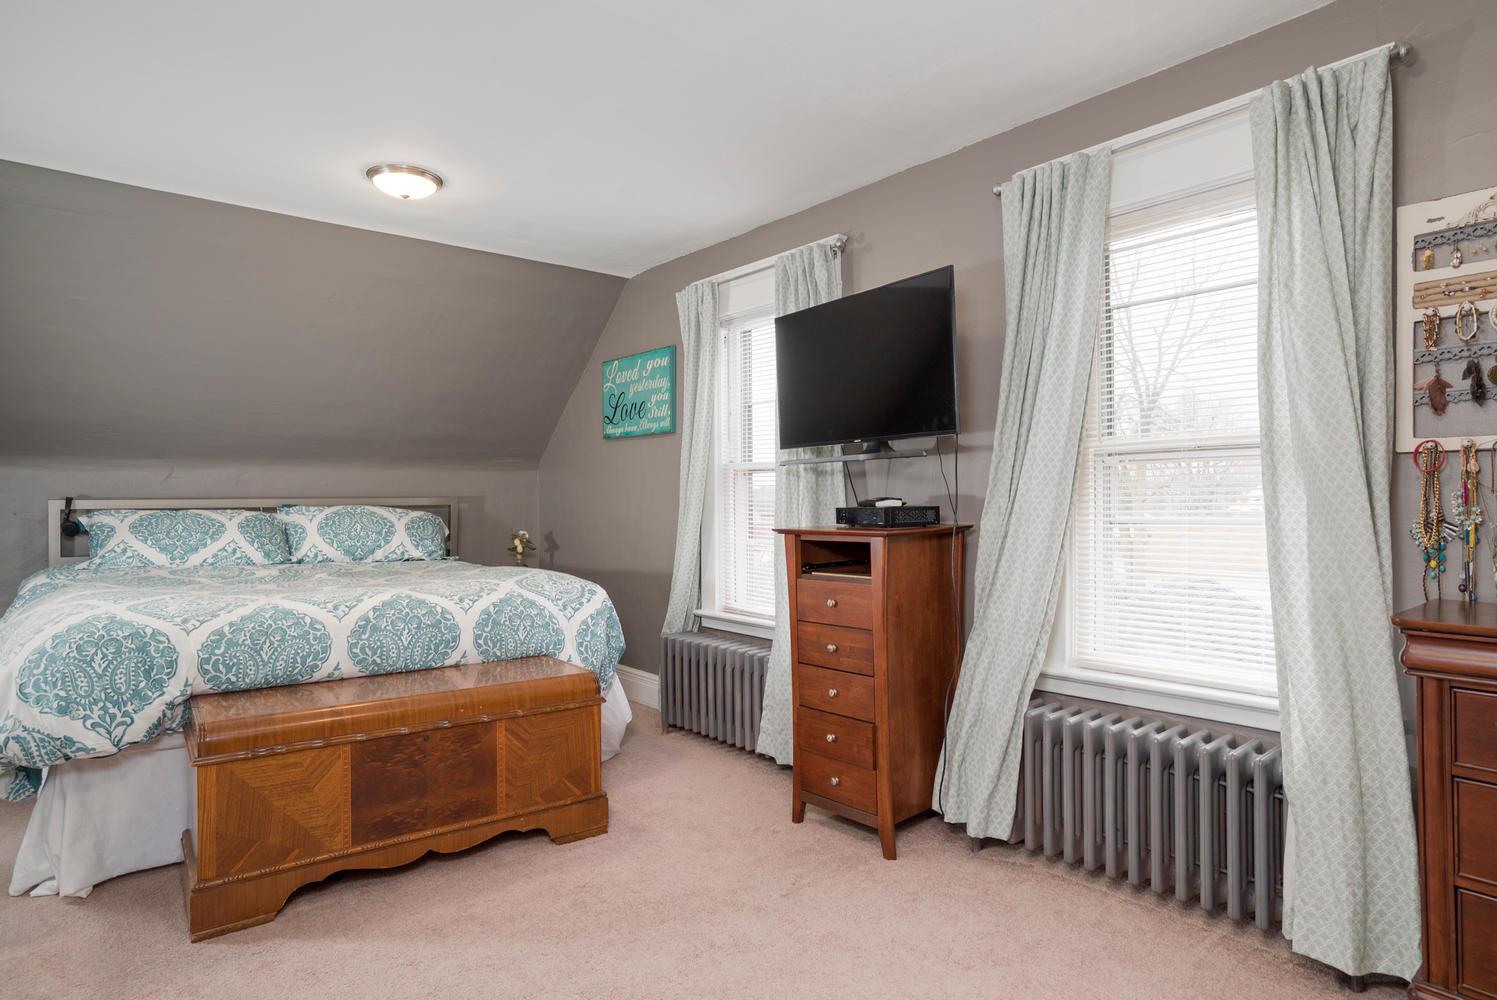 55 Benson Ave Buffalo NY 14224-large-012-8-Bedroom-1498x1000-72dpi